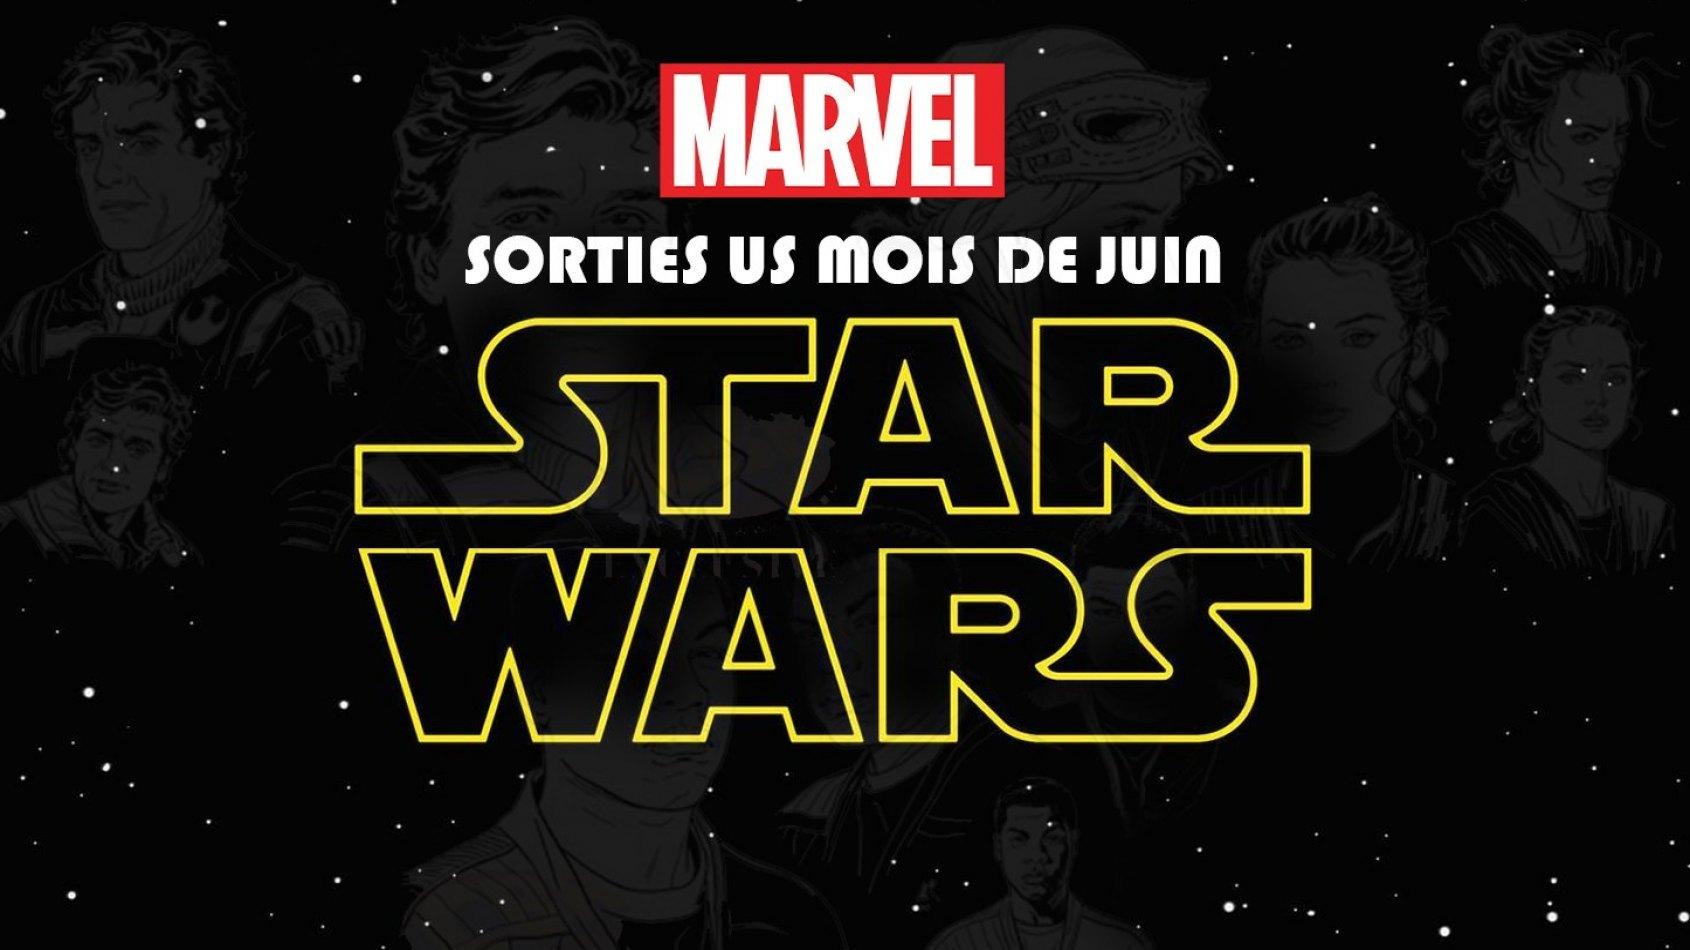 Les sorties Marvel pour le mois de Juin [US]